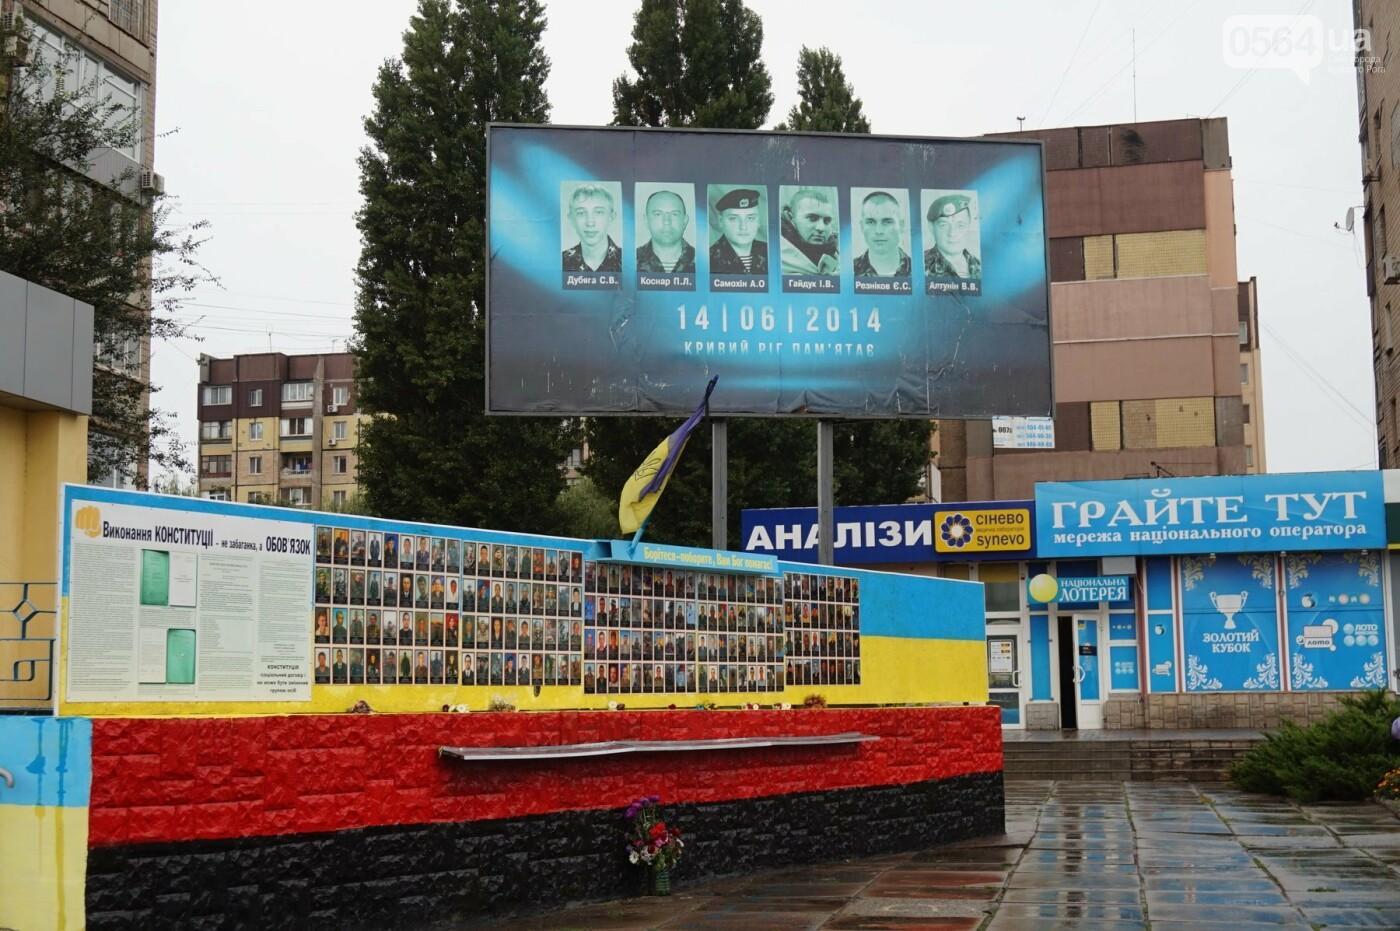 Центр Кривого Рога раскрашивают в красно-черный и сине-желтый цвета, - ФОТО , фото-11